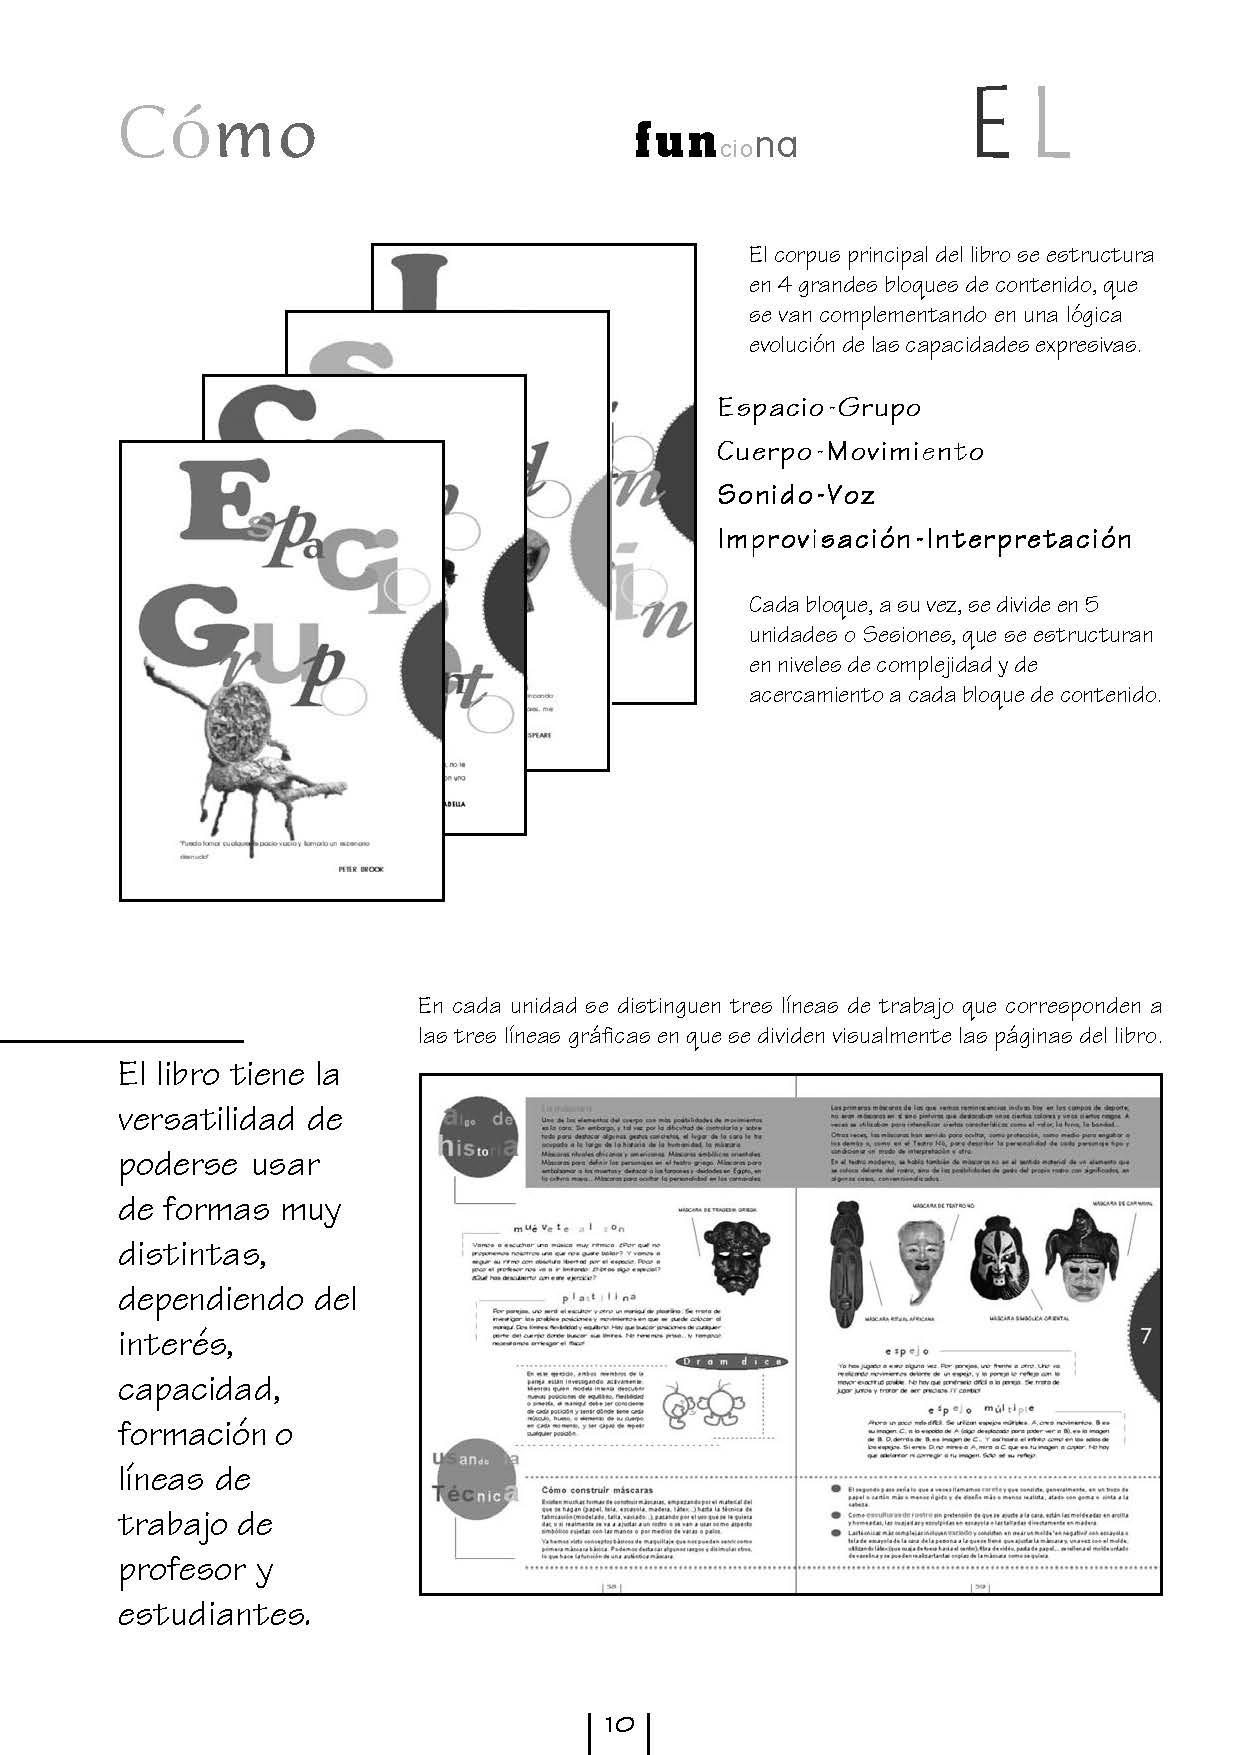 Ñaque Editora